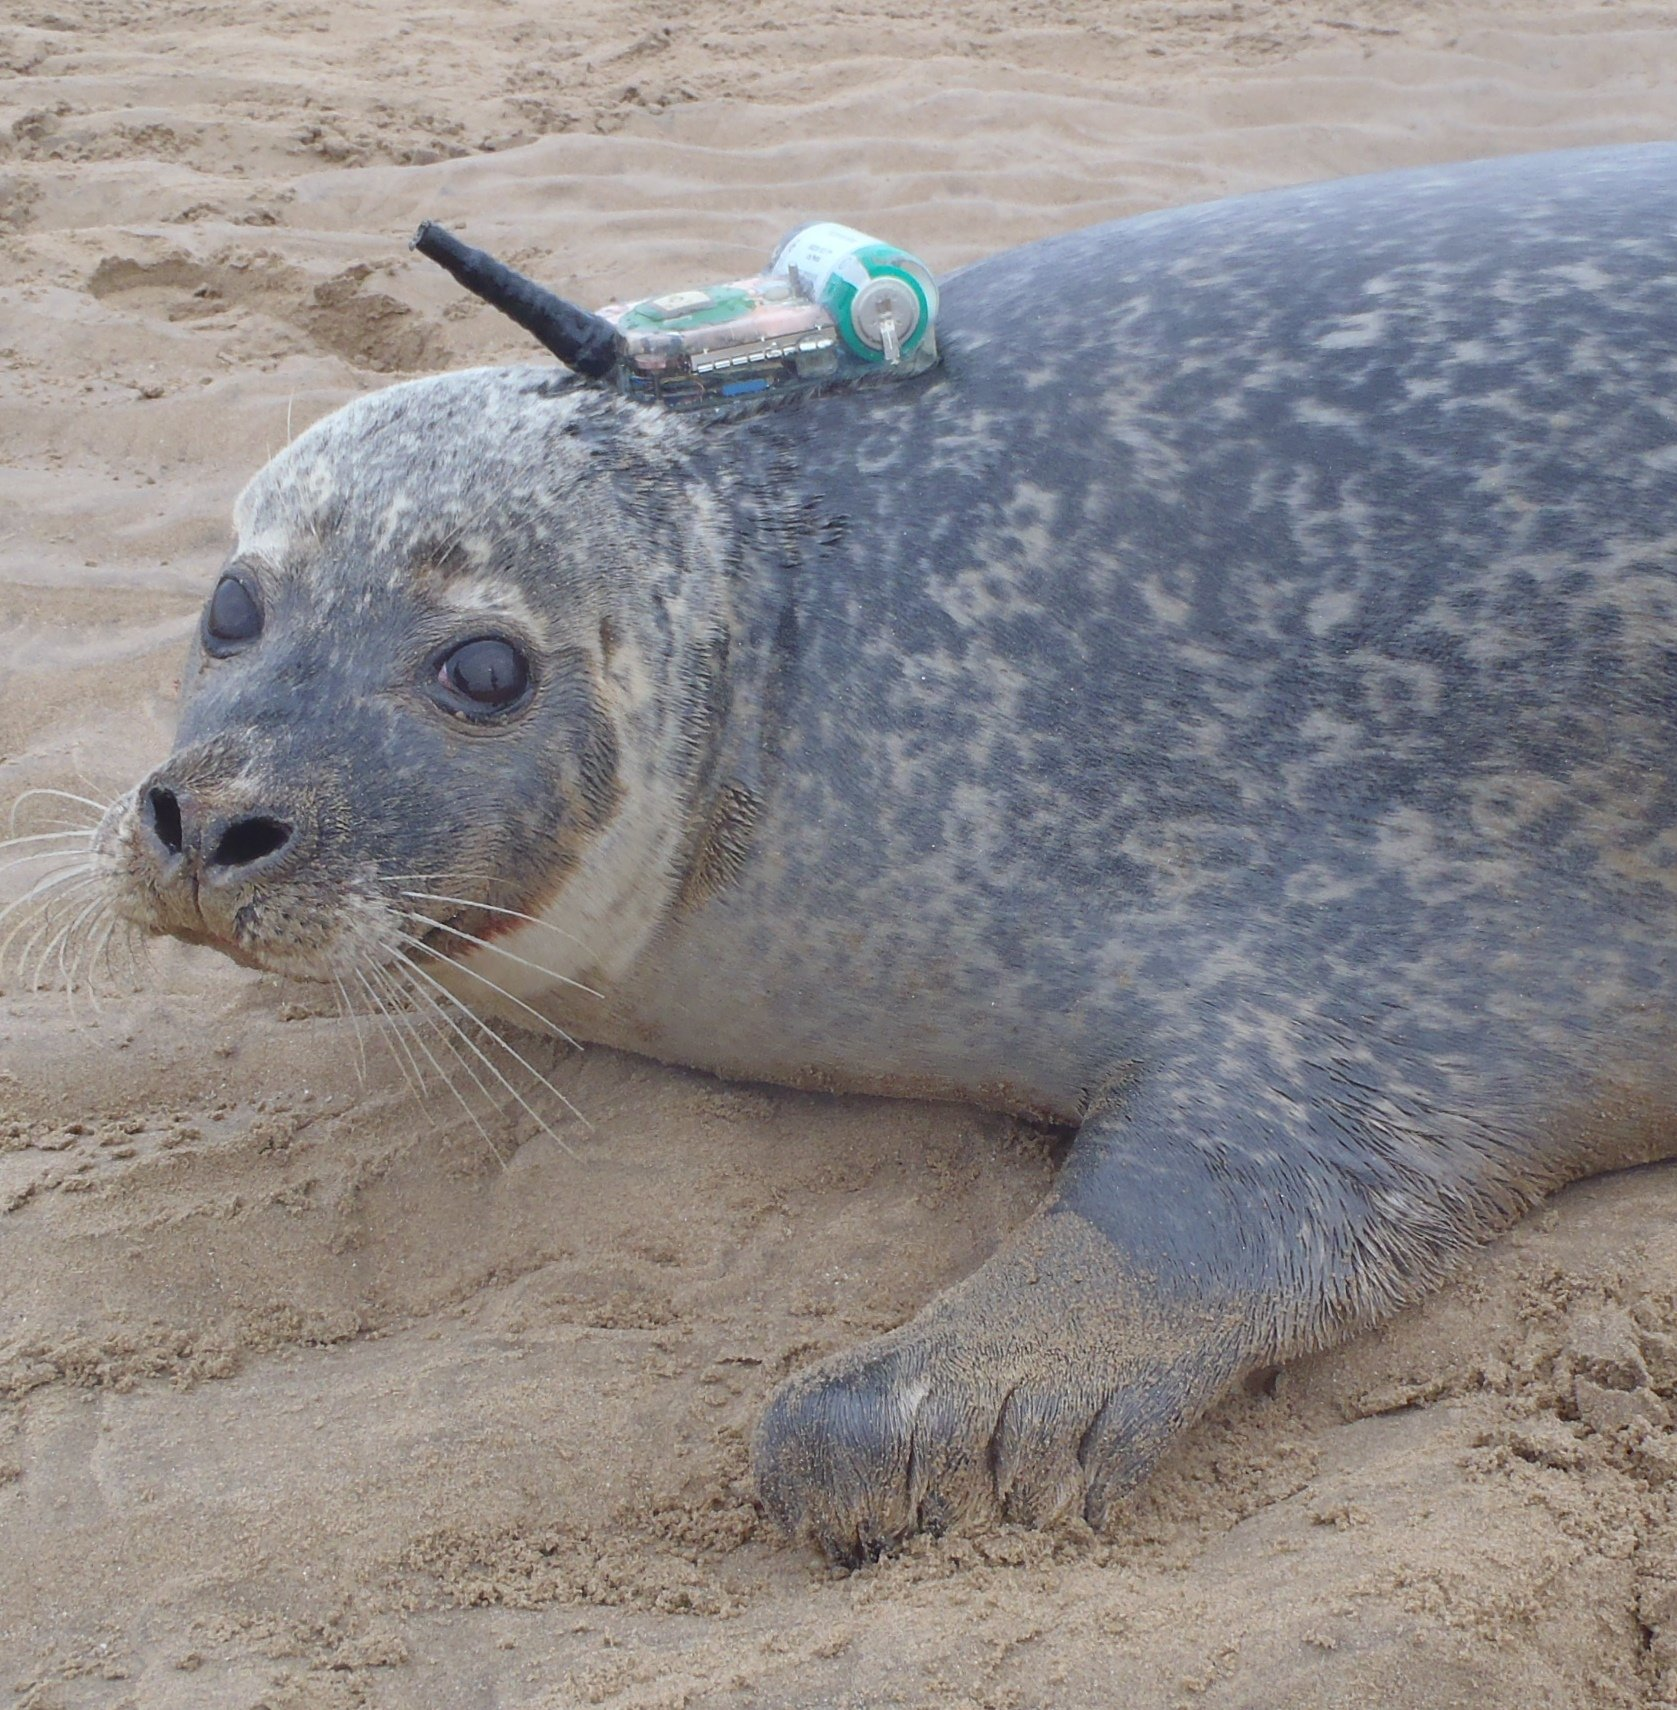 Seehund mit einem GPS-Empfänger und Sendeeinheit: Forscher derbritischen University of St Andrews haben 120 Seehunde und Kegelrobben in der Nordsee mit Sendern ausgerüstet, um ihre Bewegungen aufzuzeichnen.